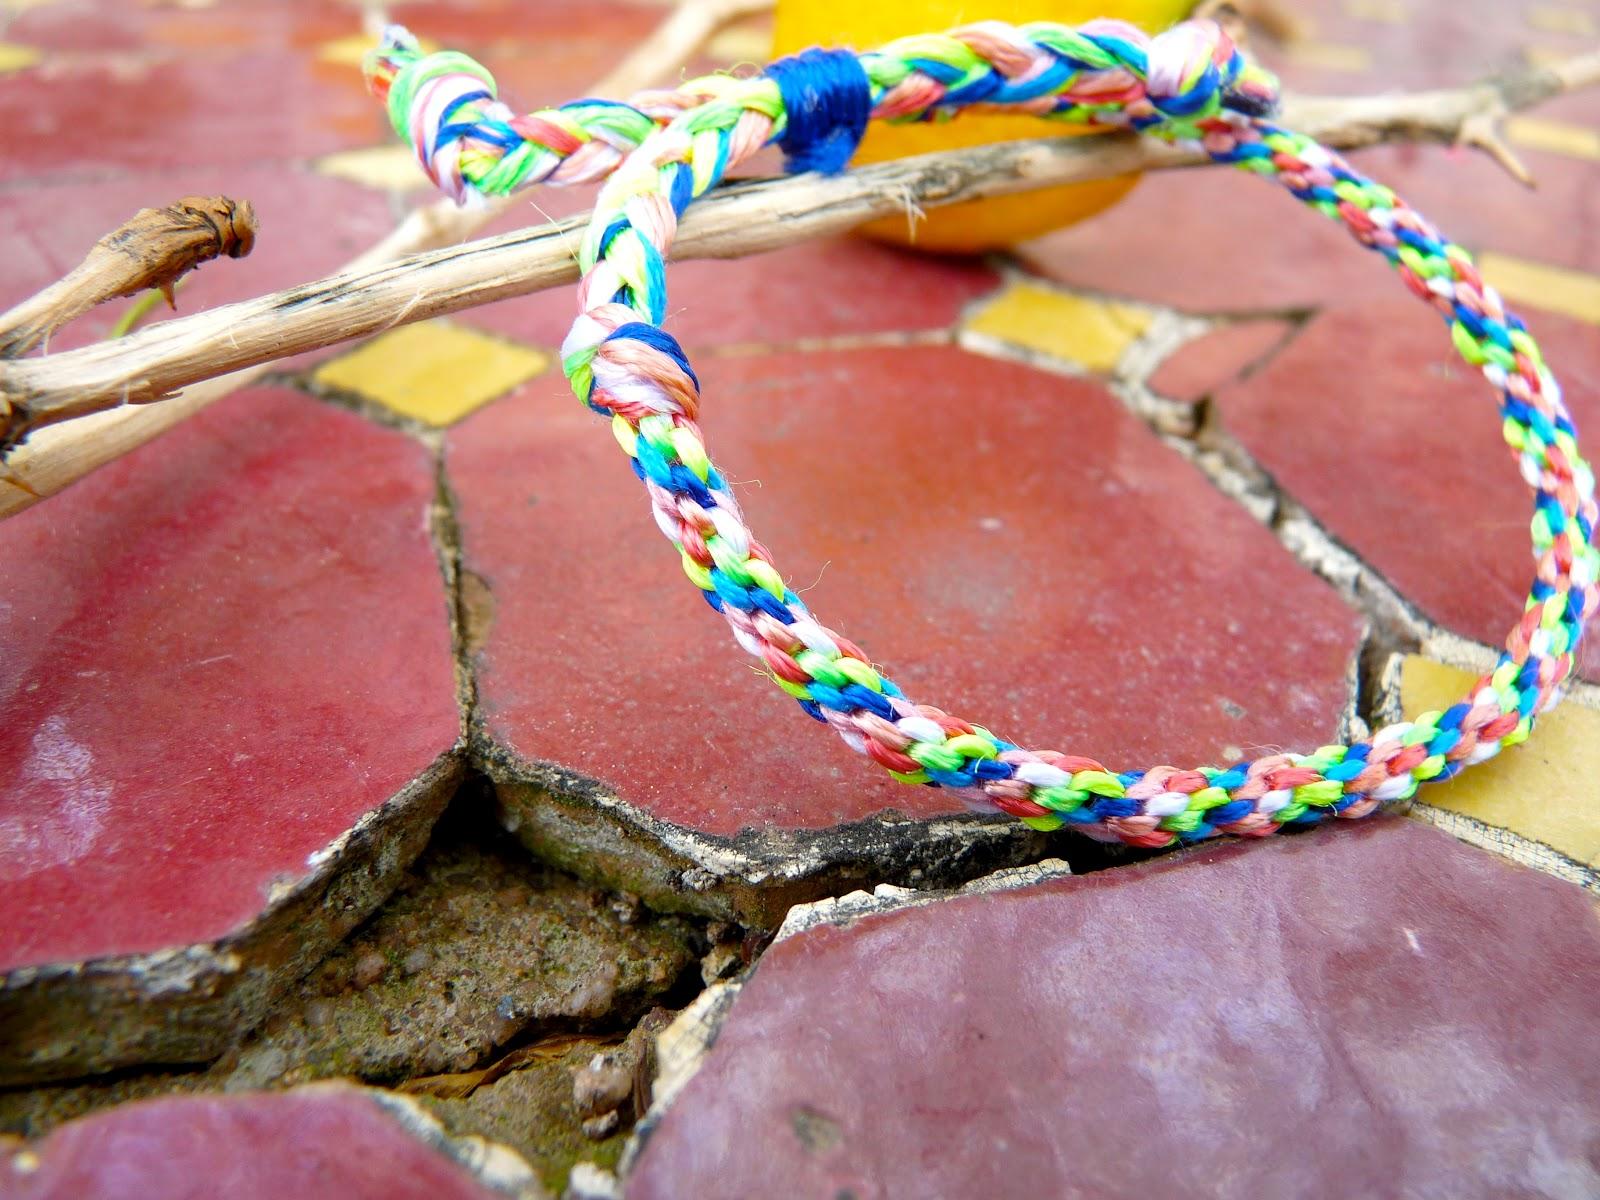 Tutoriel vid o comment faire un bracelet avec la - Comment faire un bracelet avec des boutons ...